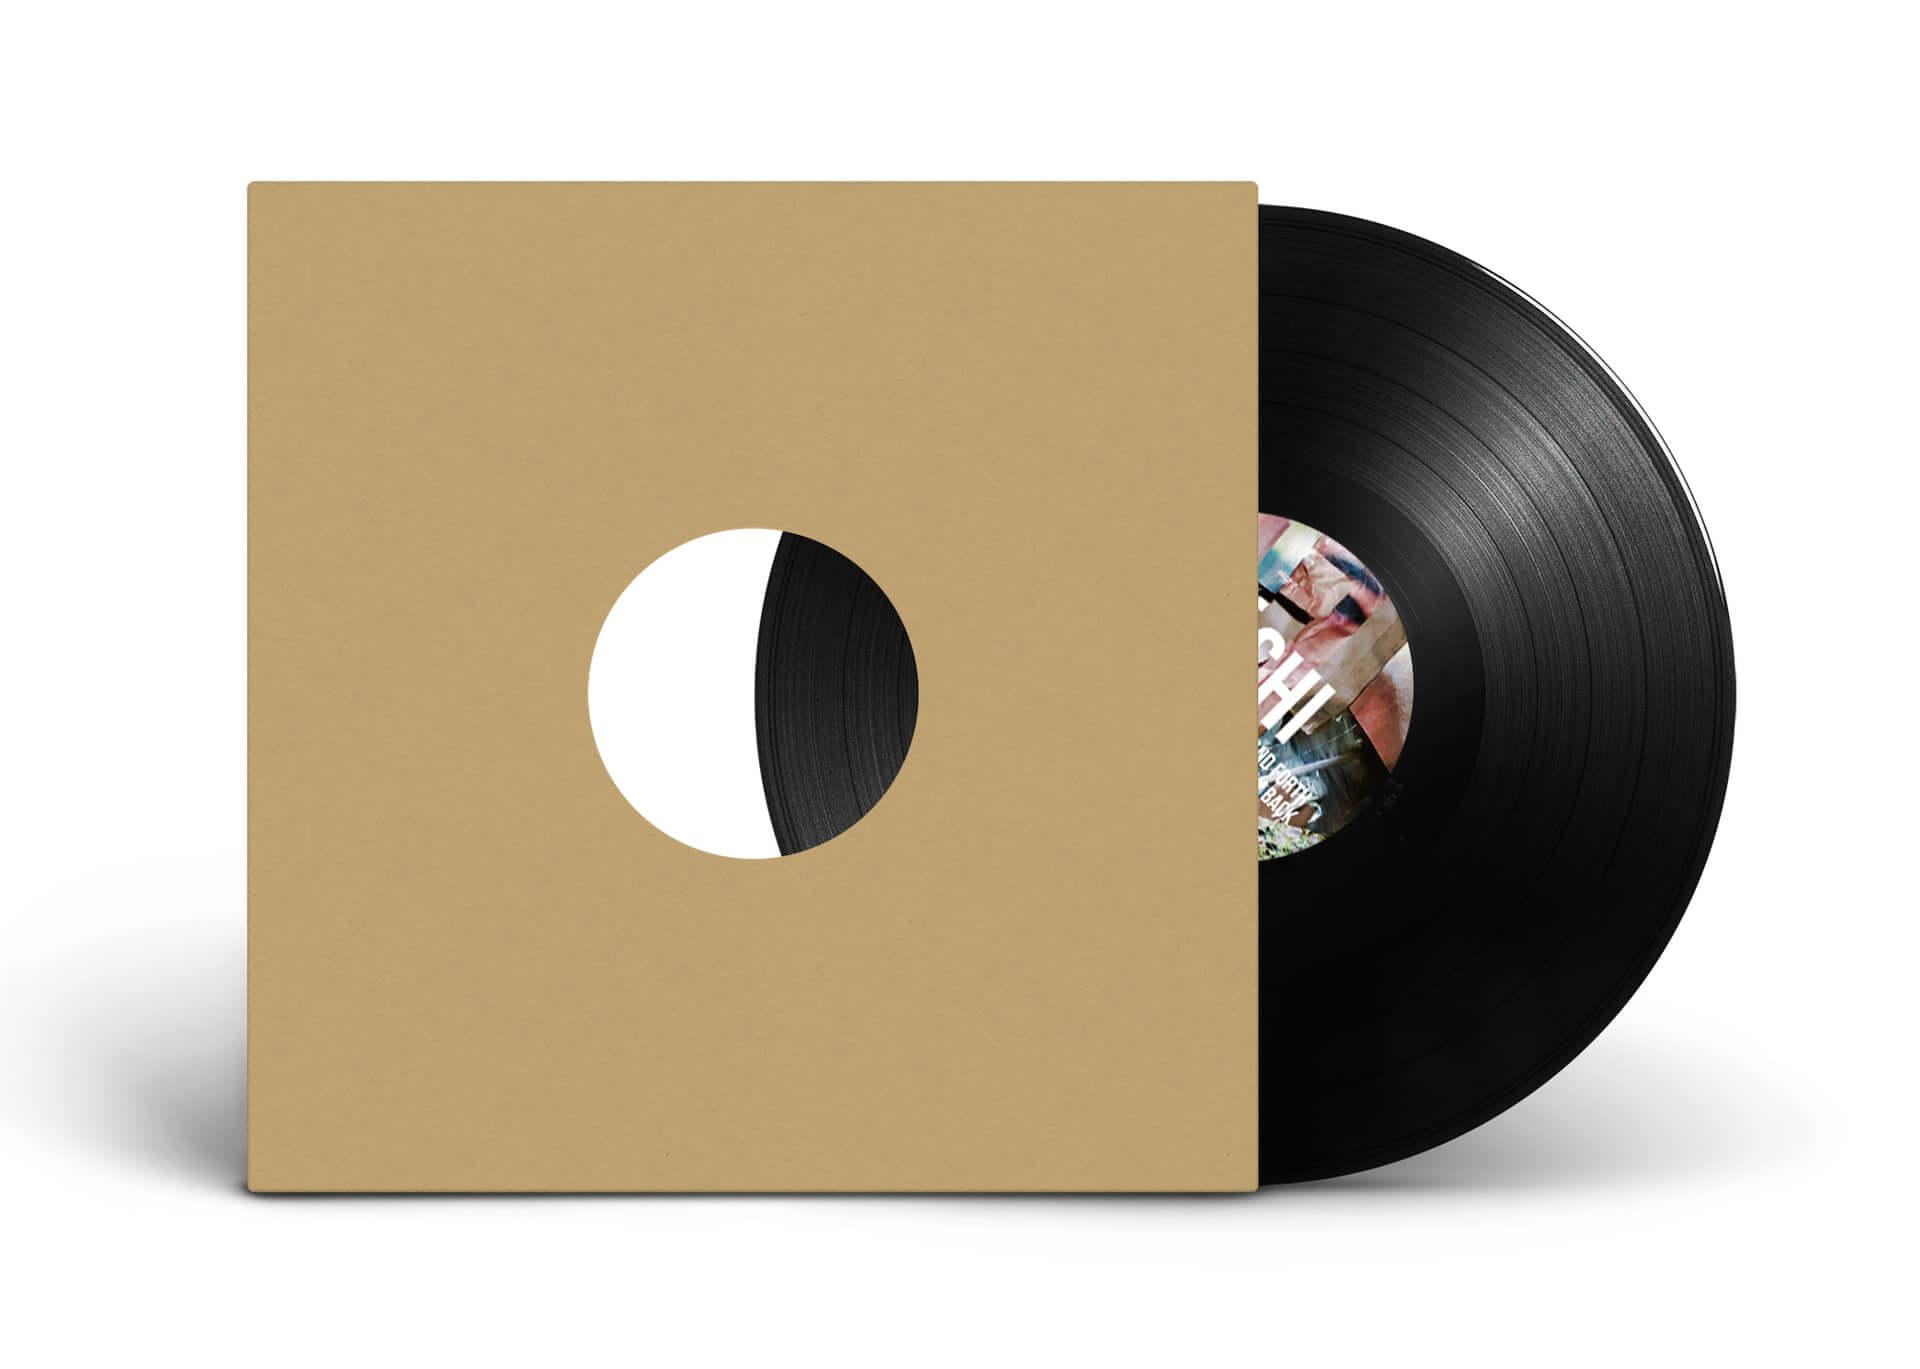 MÖSHIのデビューEP『#13G』がダブプレートで登場!タワーレコードオンライン限定で受注販売開始&インタビュー動画も公開 music201110_moshi_3-1920x1369